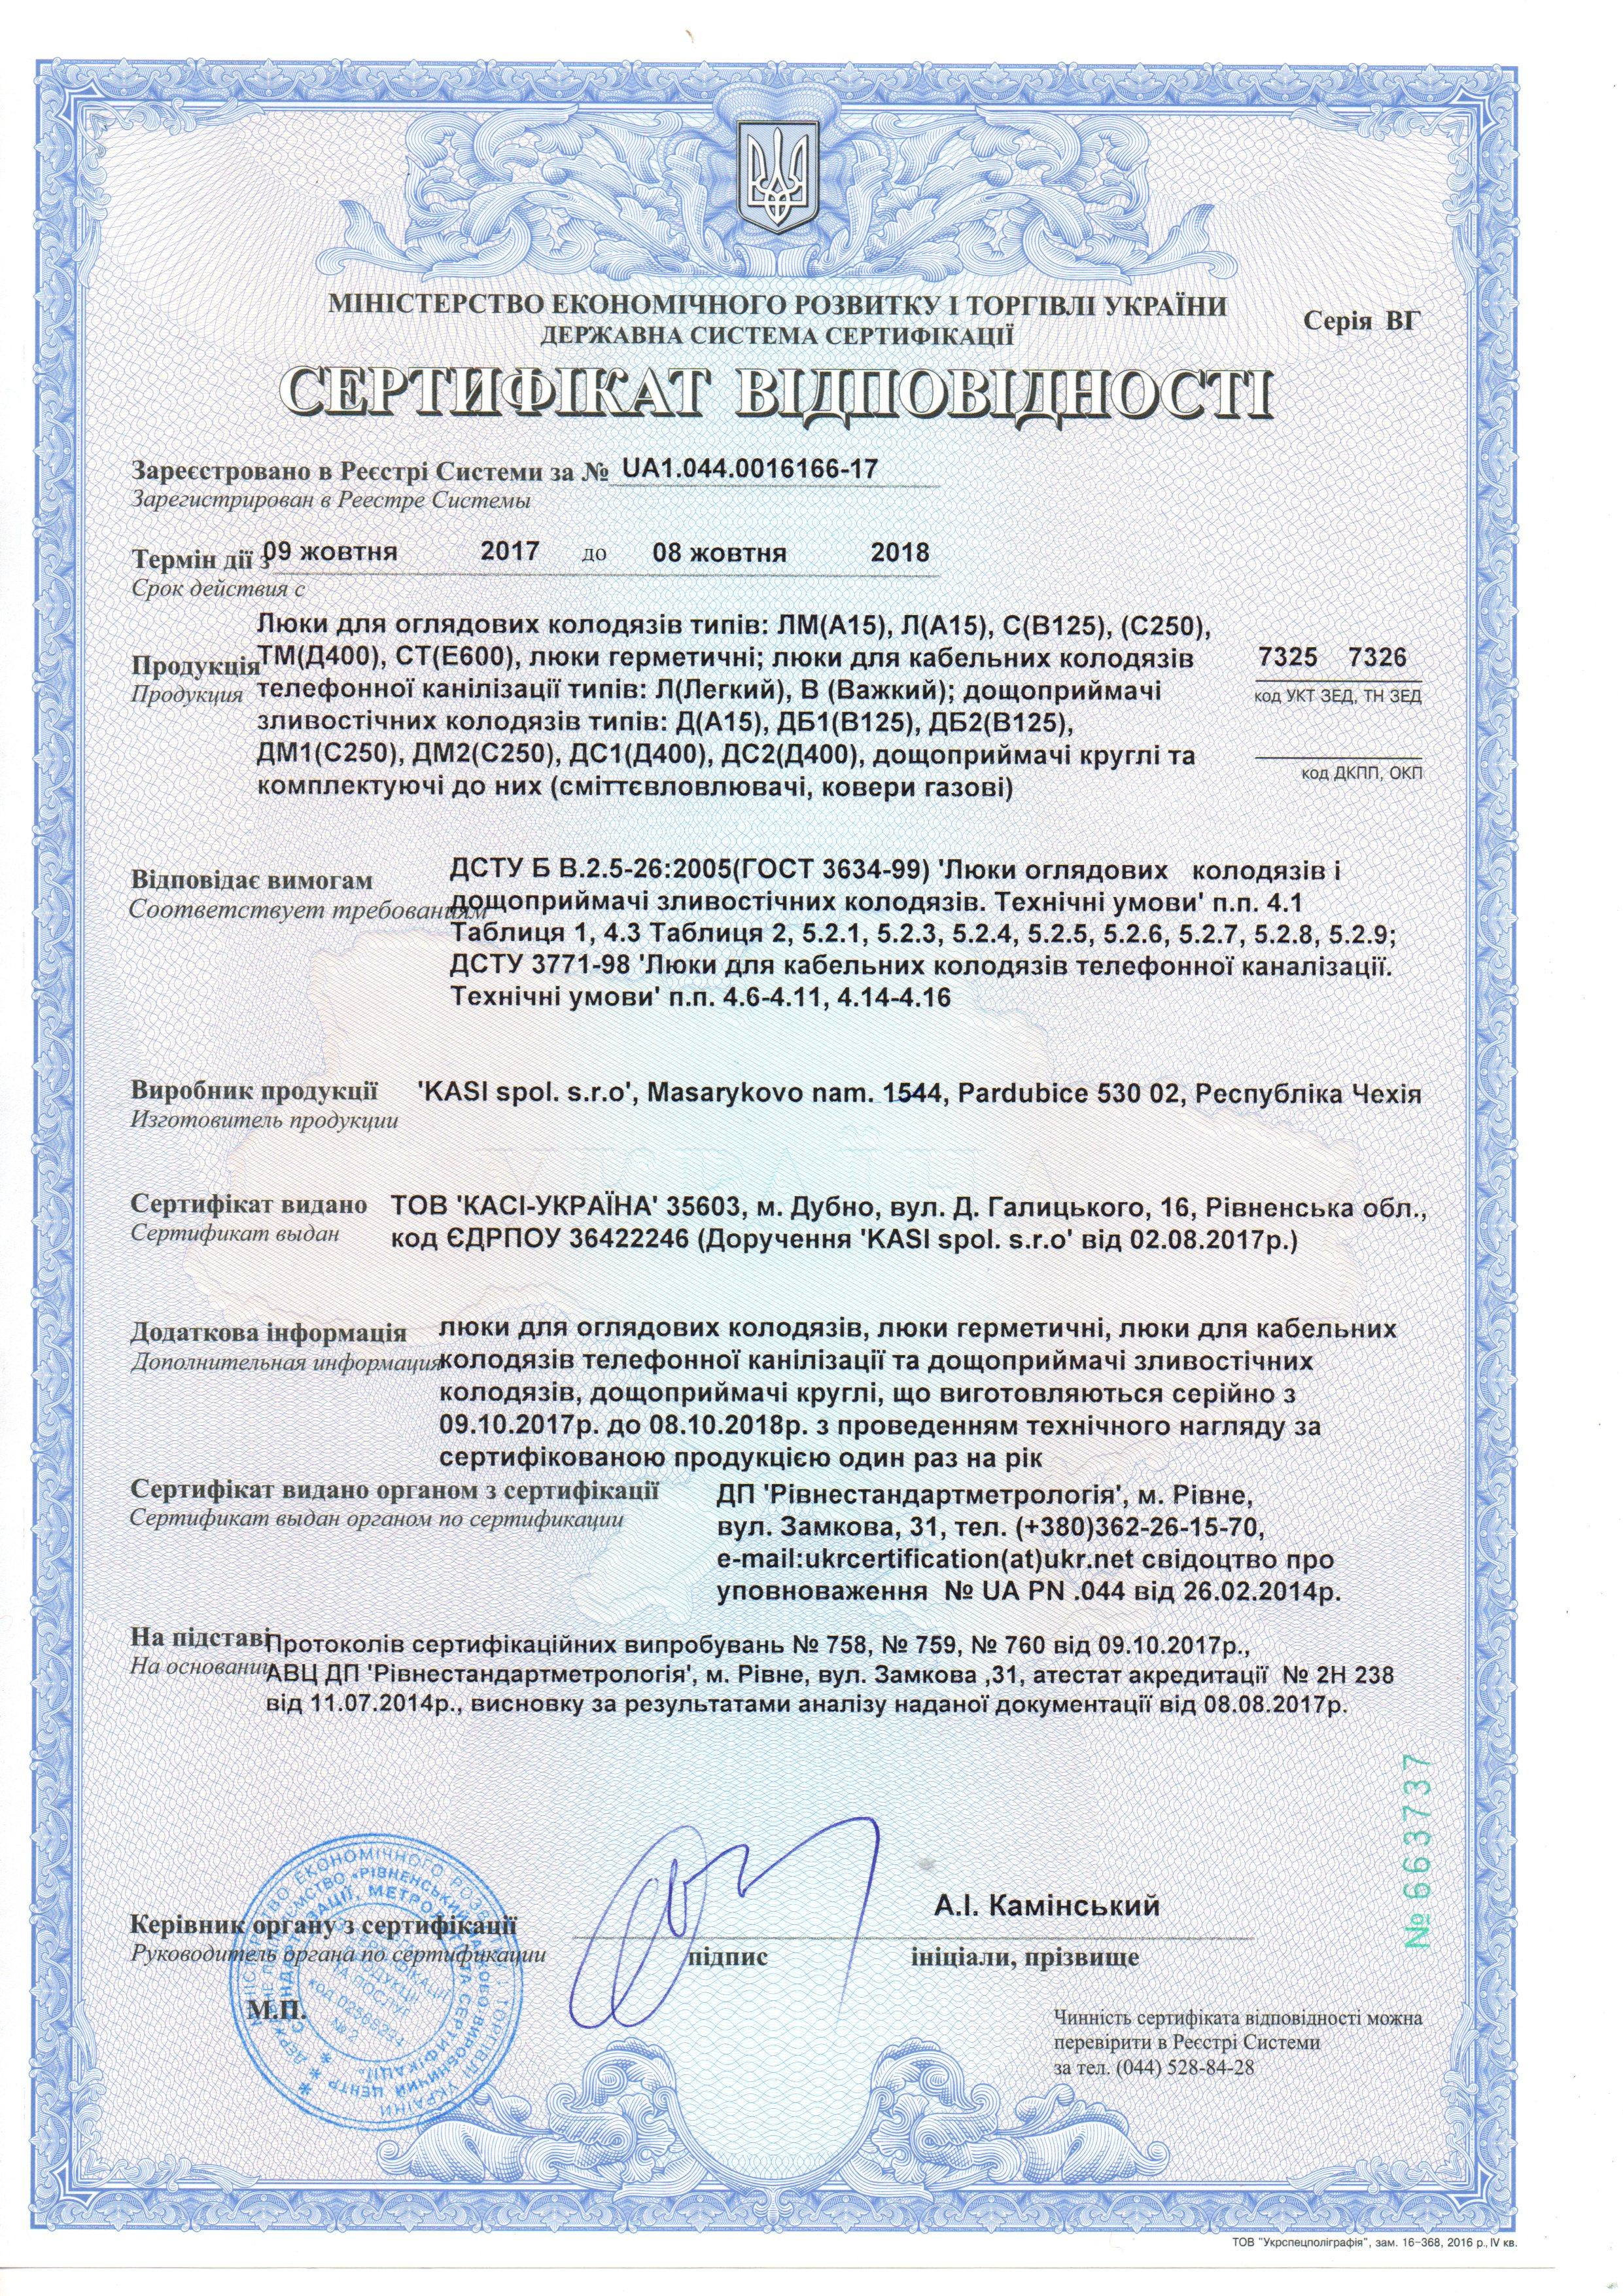 КАСИ-Украина, ООО